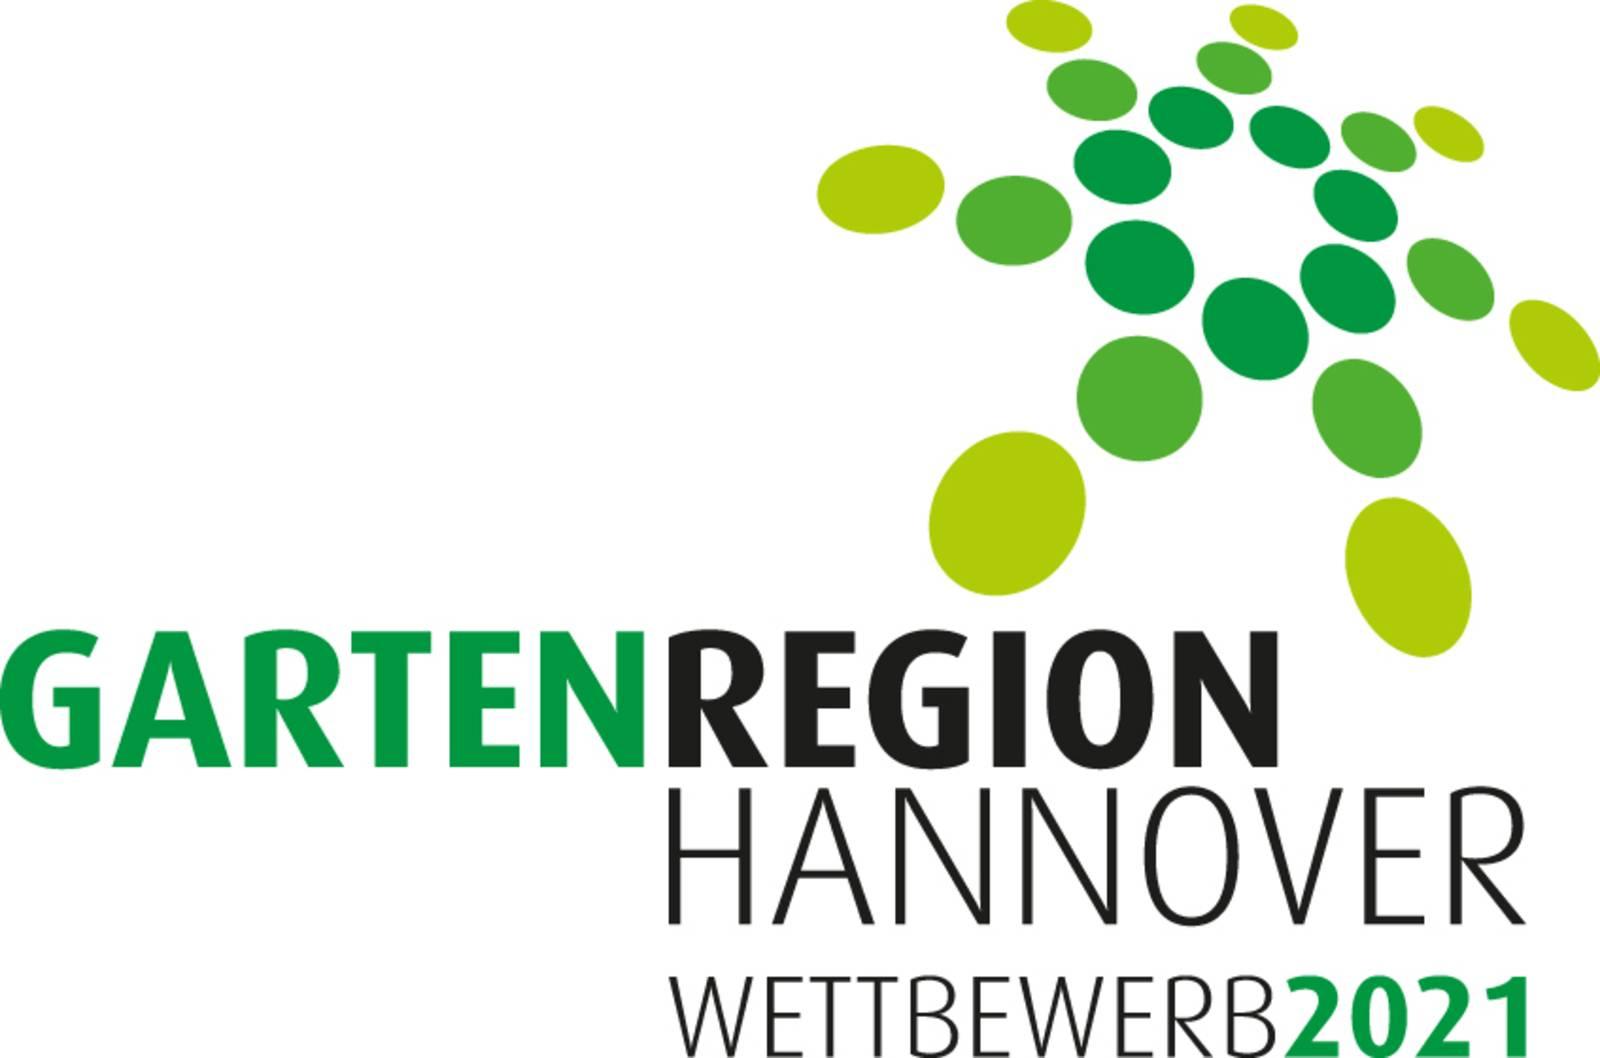 """Eine Wort-Bild-Marke mit grünem Punktelogo und Schriftzug """"Gartenregion Hannover"""" und """"Förderwettbewerb"""""""